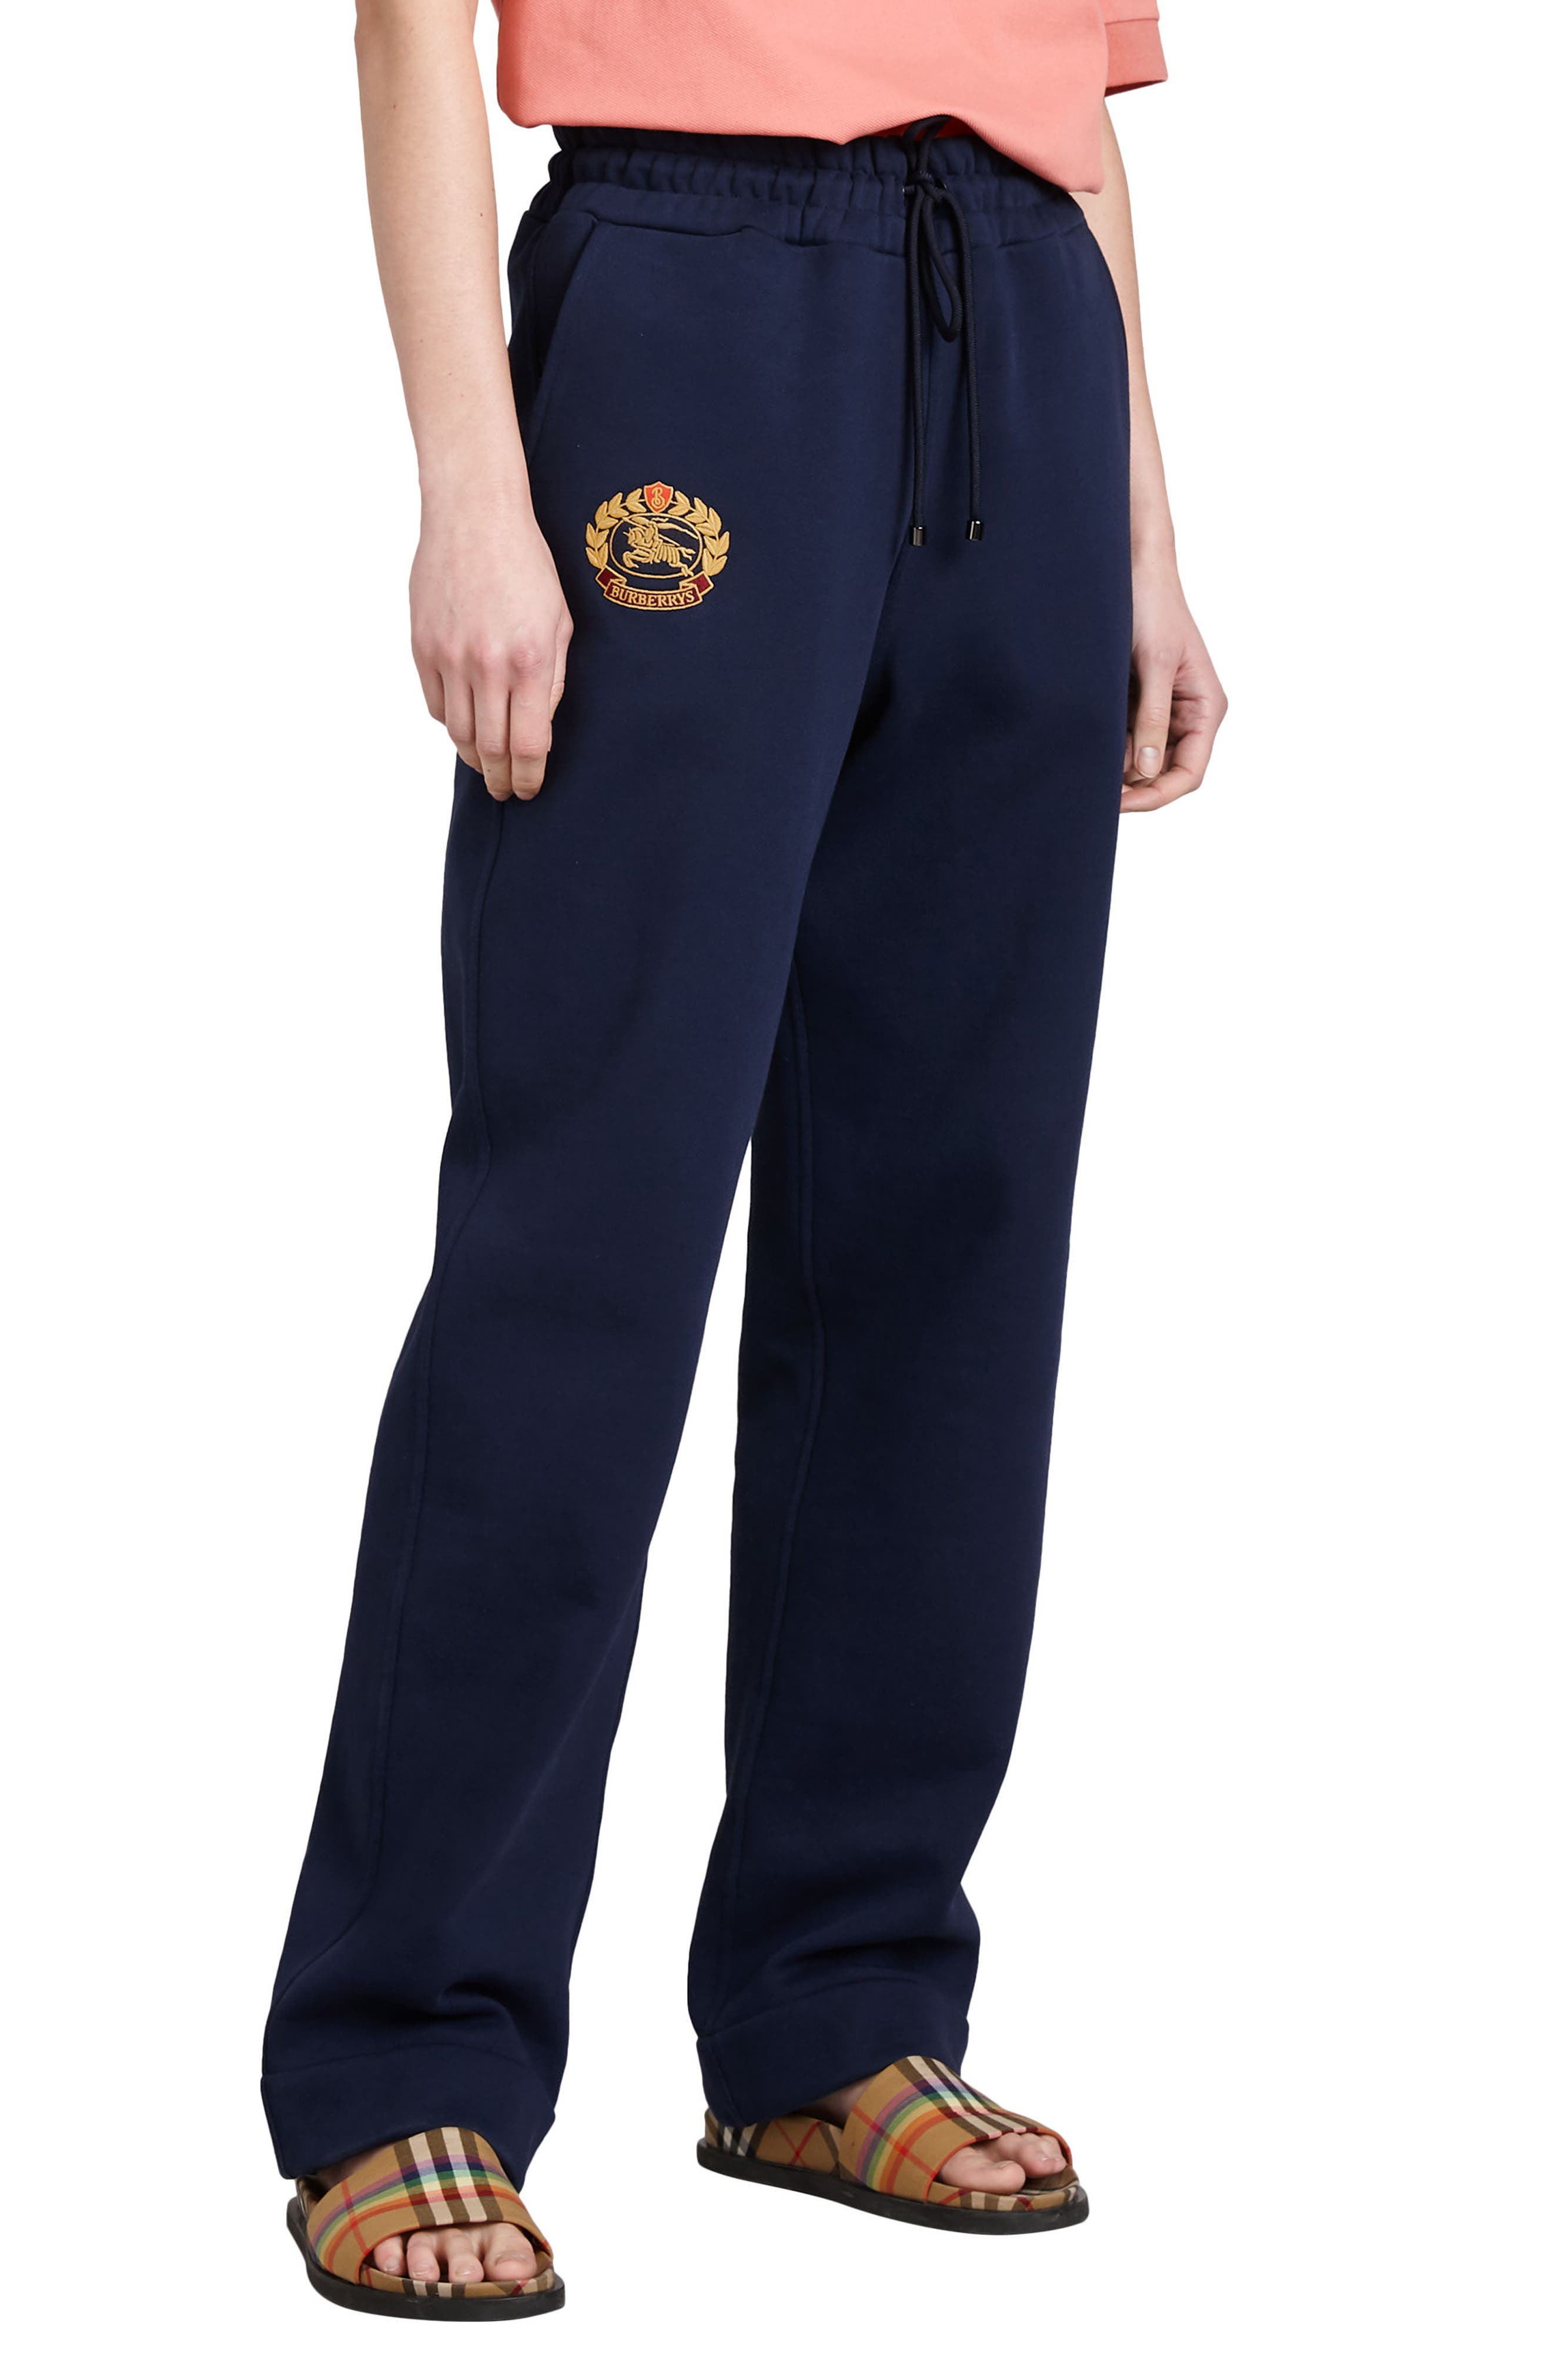 Vintage Crest Sweatpants,                         Main,                         color, 401